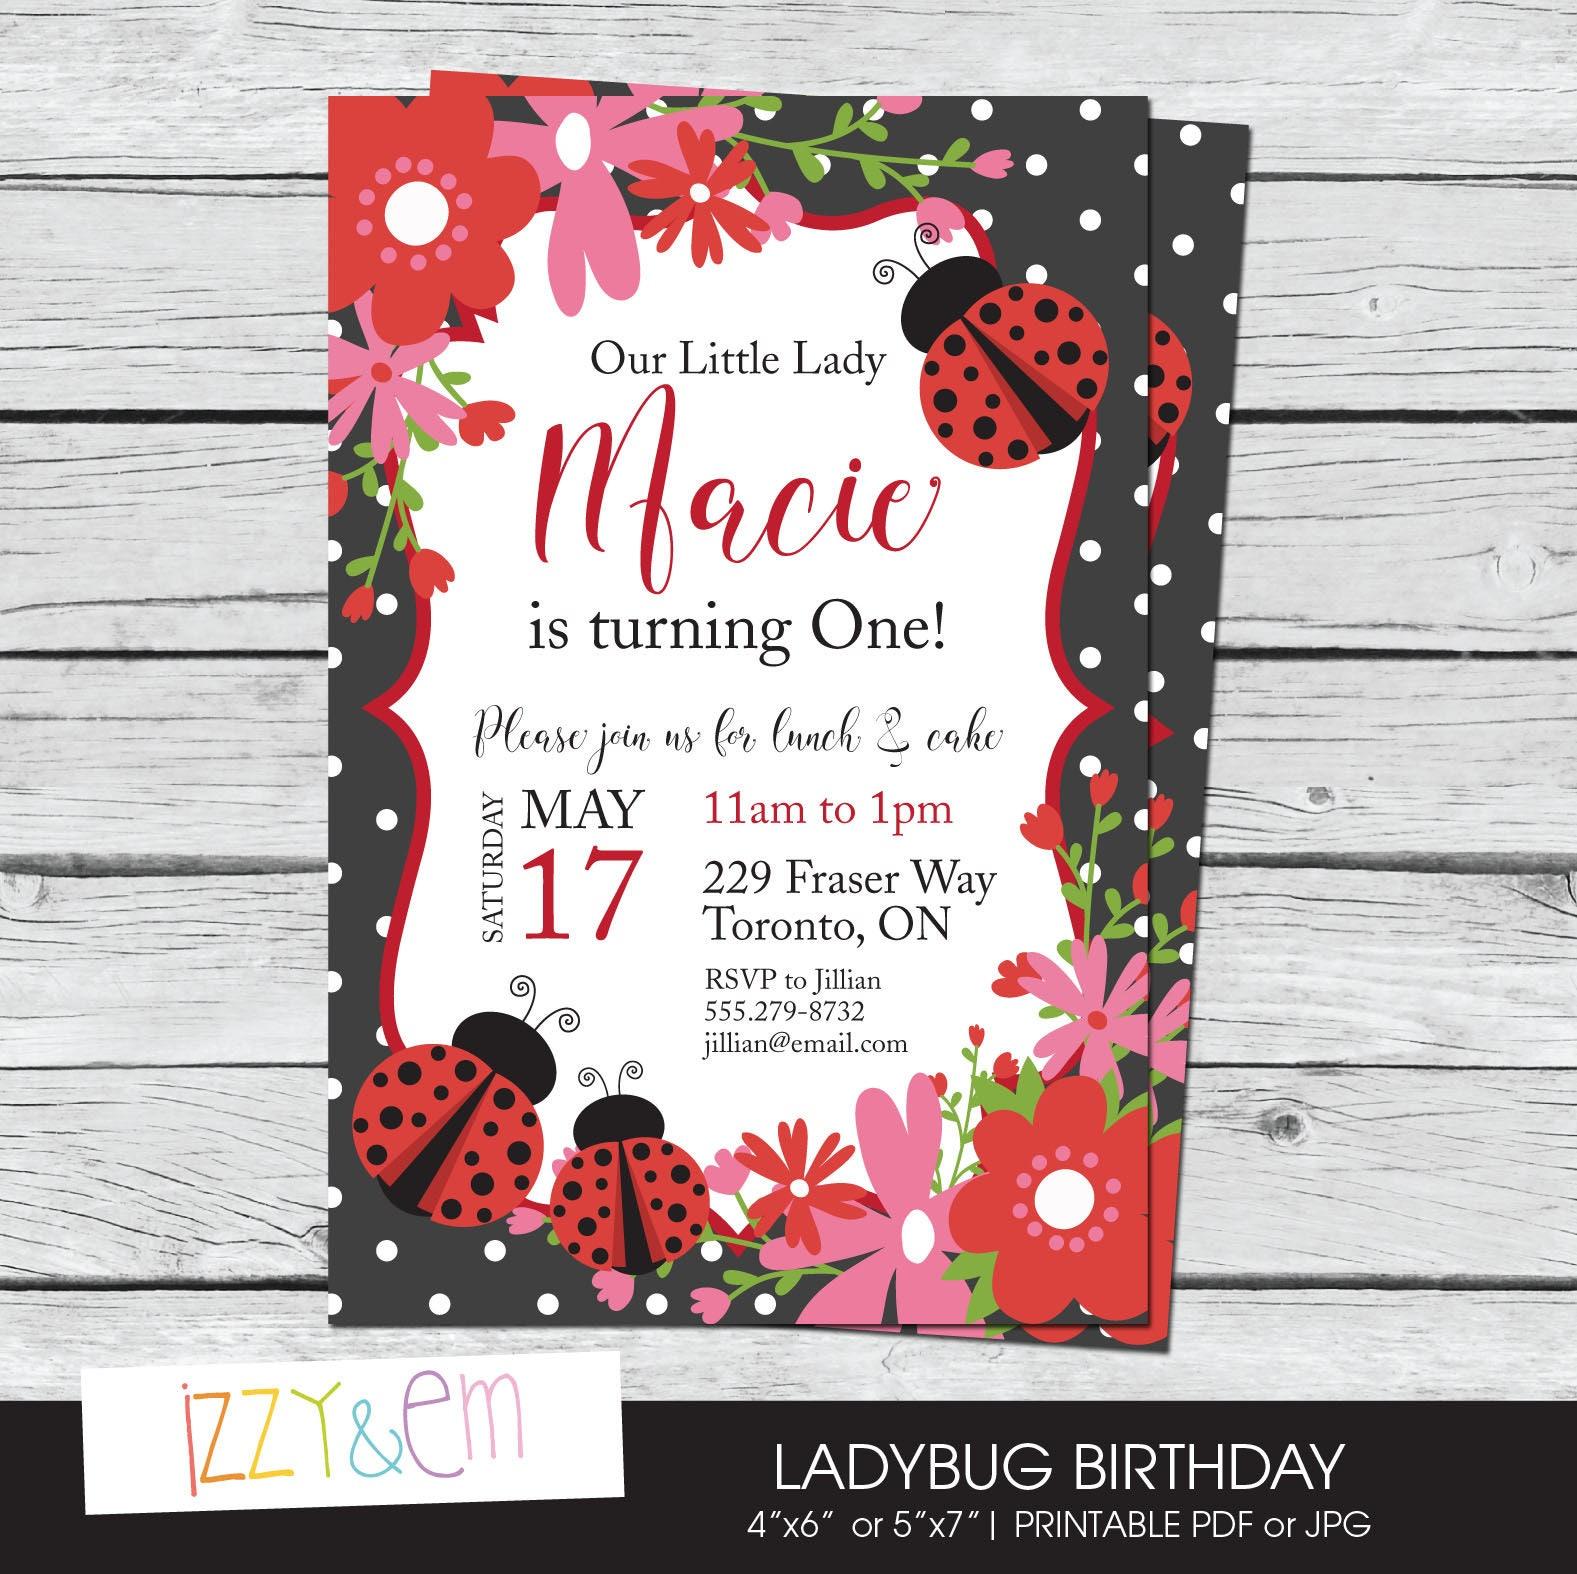 Ladybug Birthday Invitations Ladybug Party Ladybug 1st